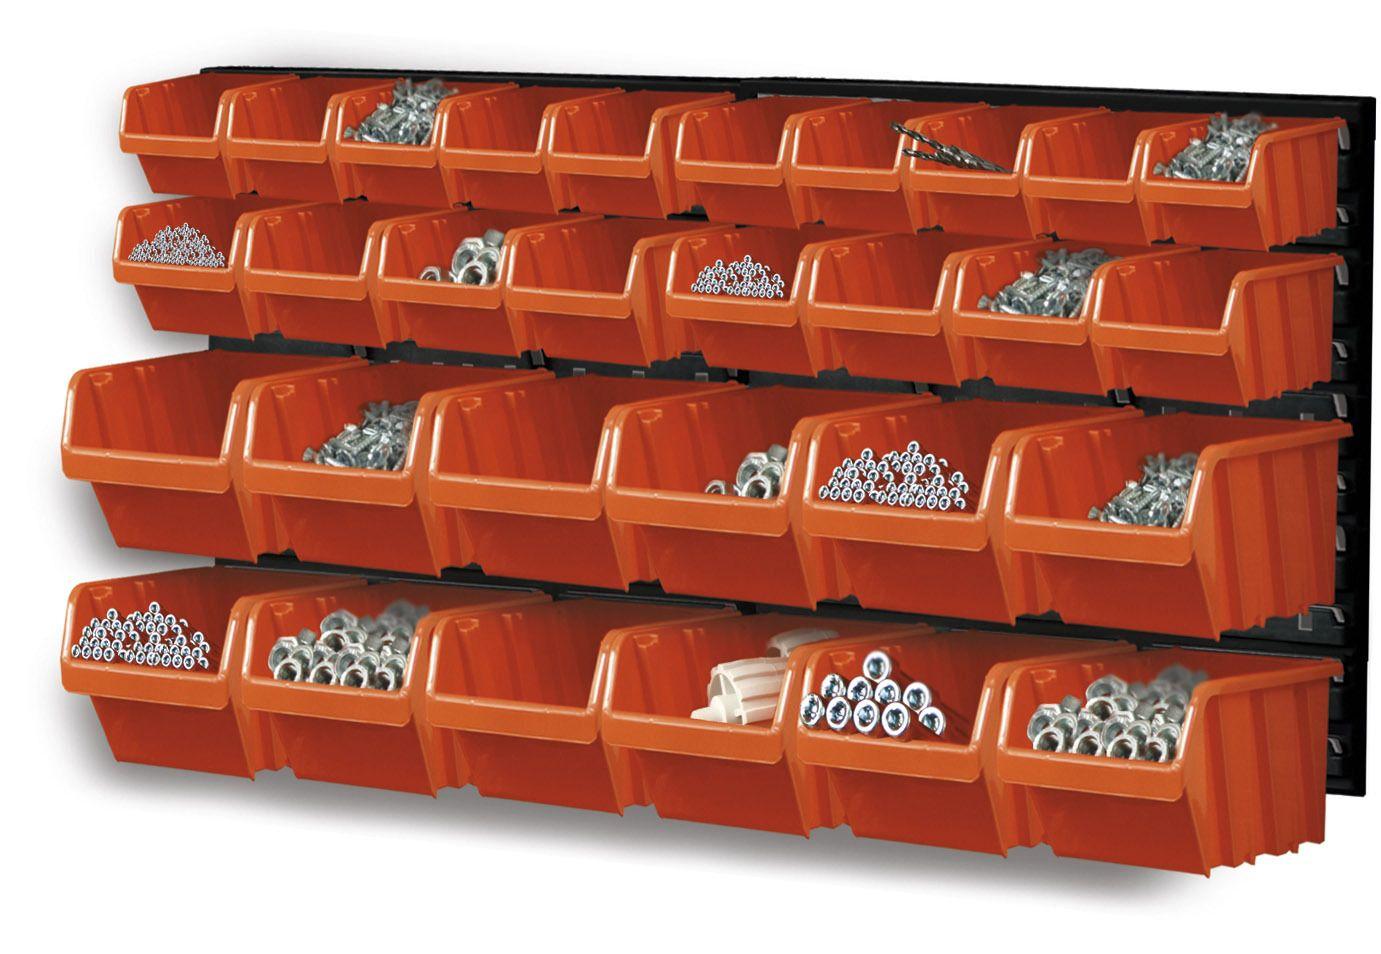 Závěsný organizér/držák s 30 boxy NTBNP3 ORDERLINE Prosperplast